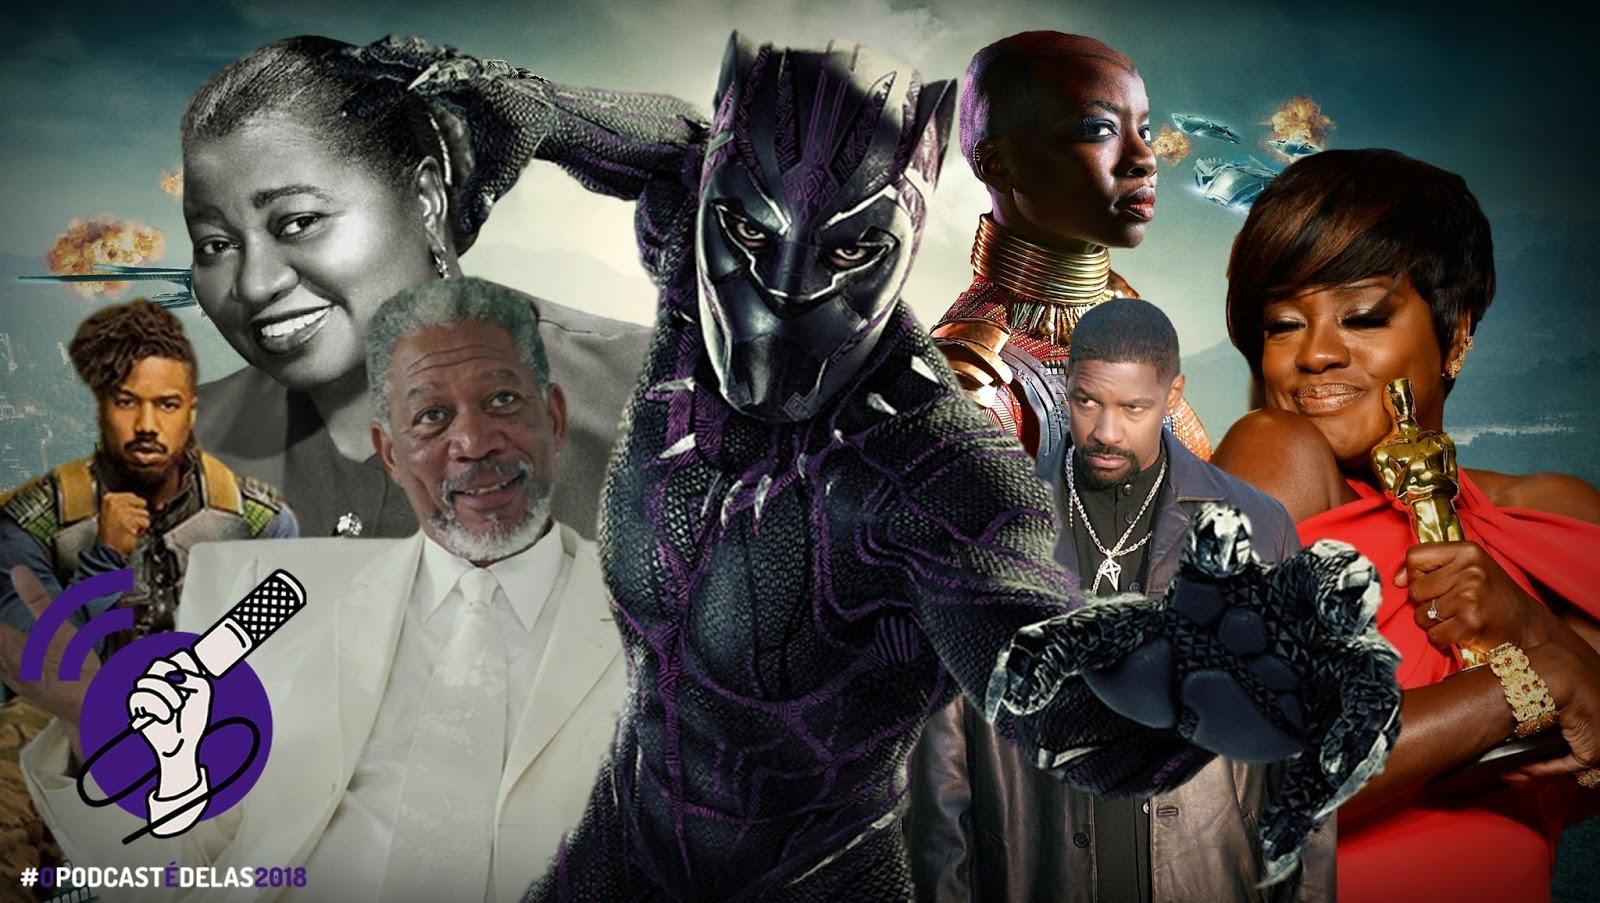 Will,WhoCast 43   Aquele Sobre a Importância dos Negros no Cinema